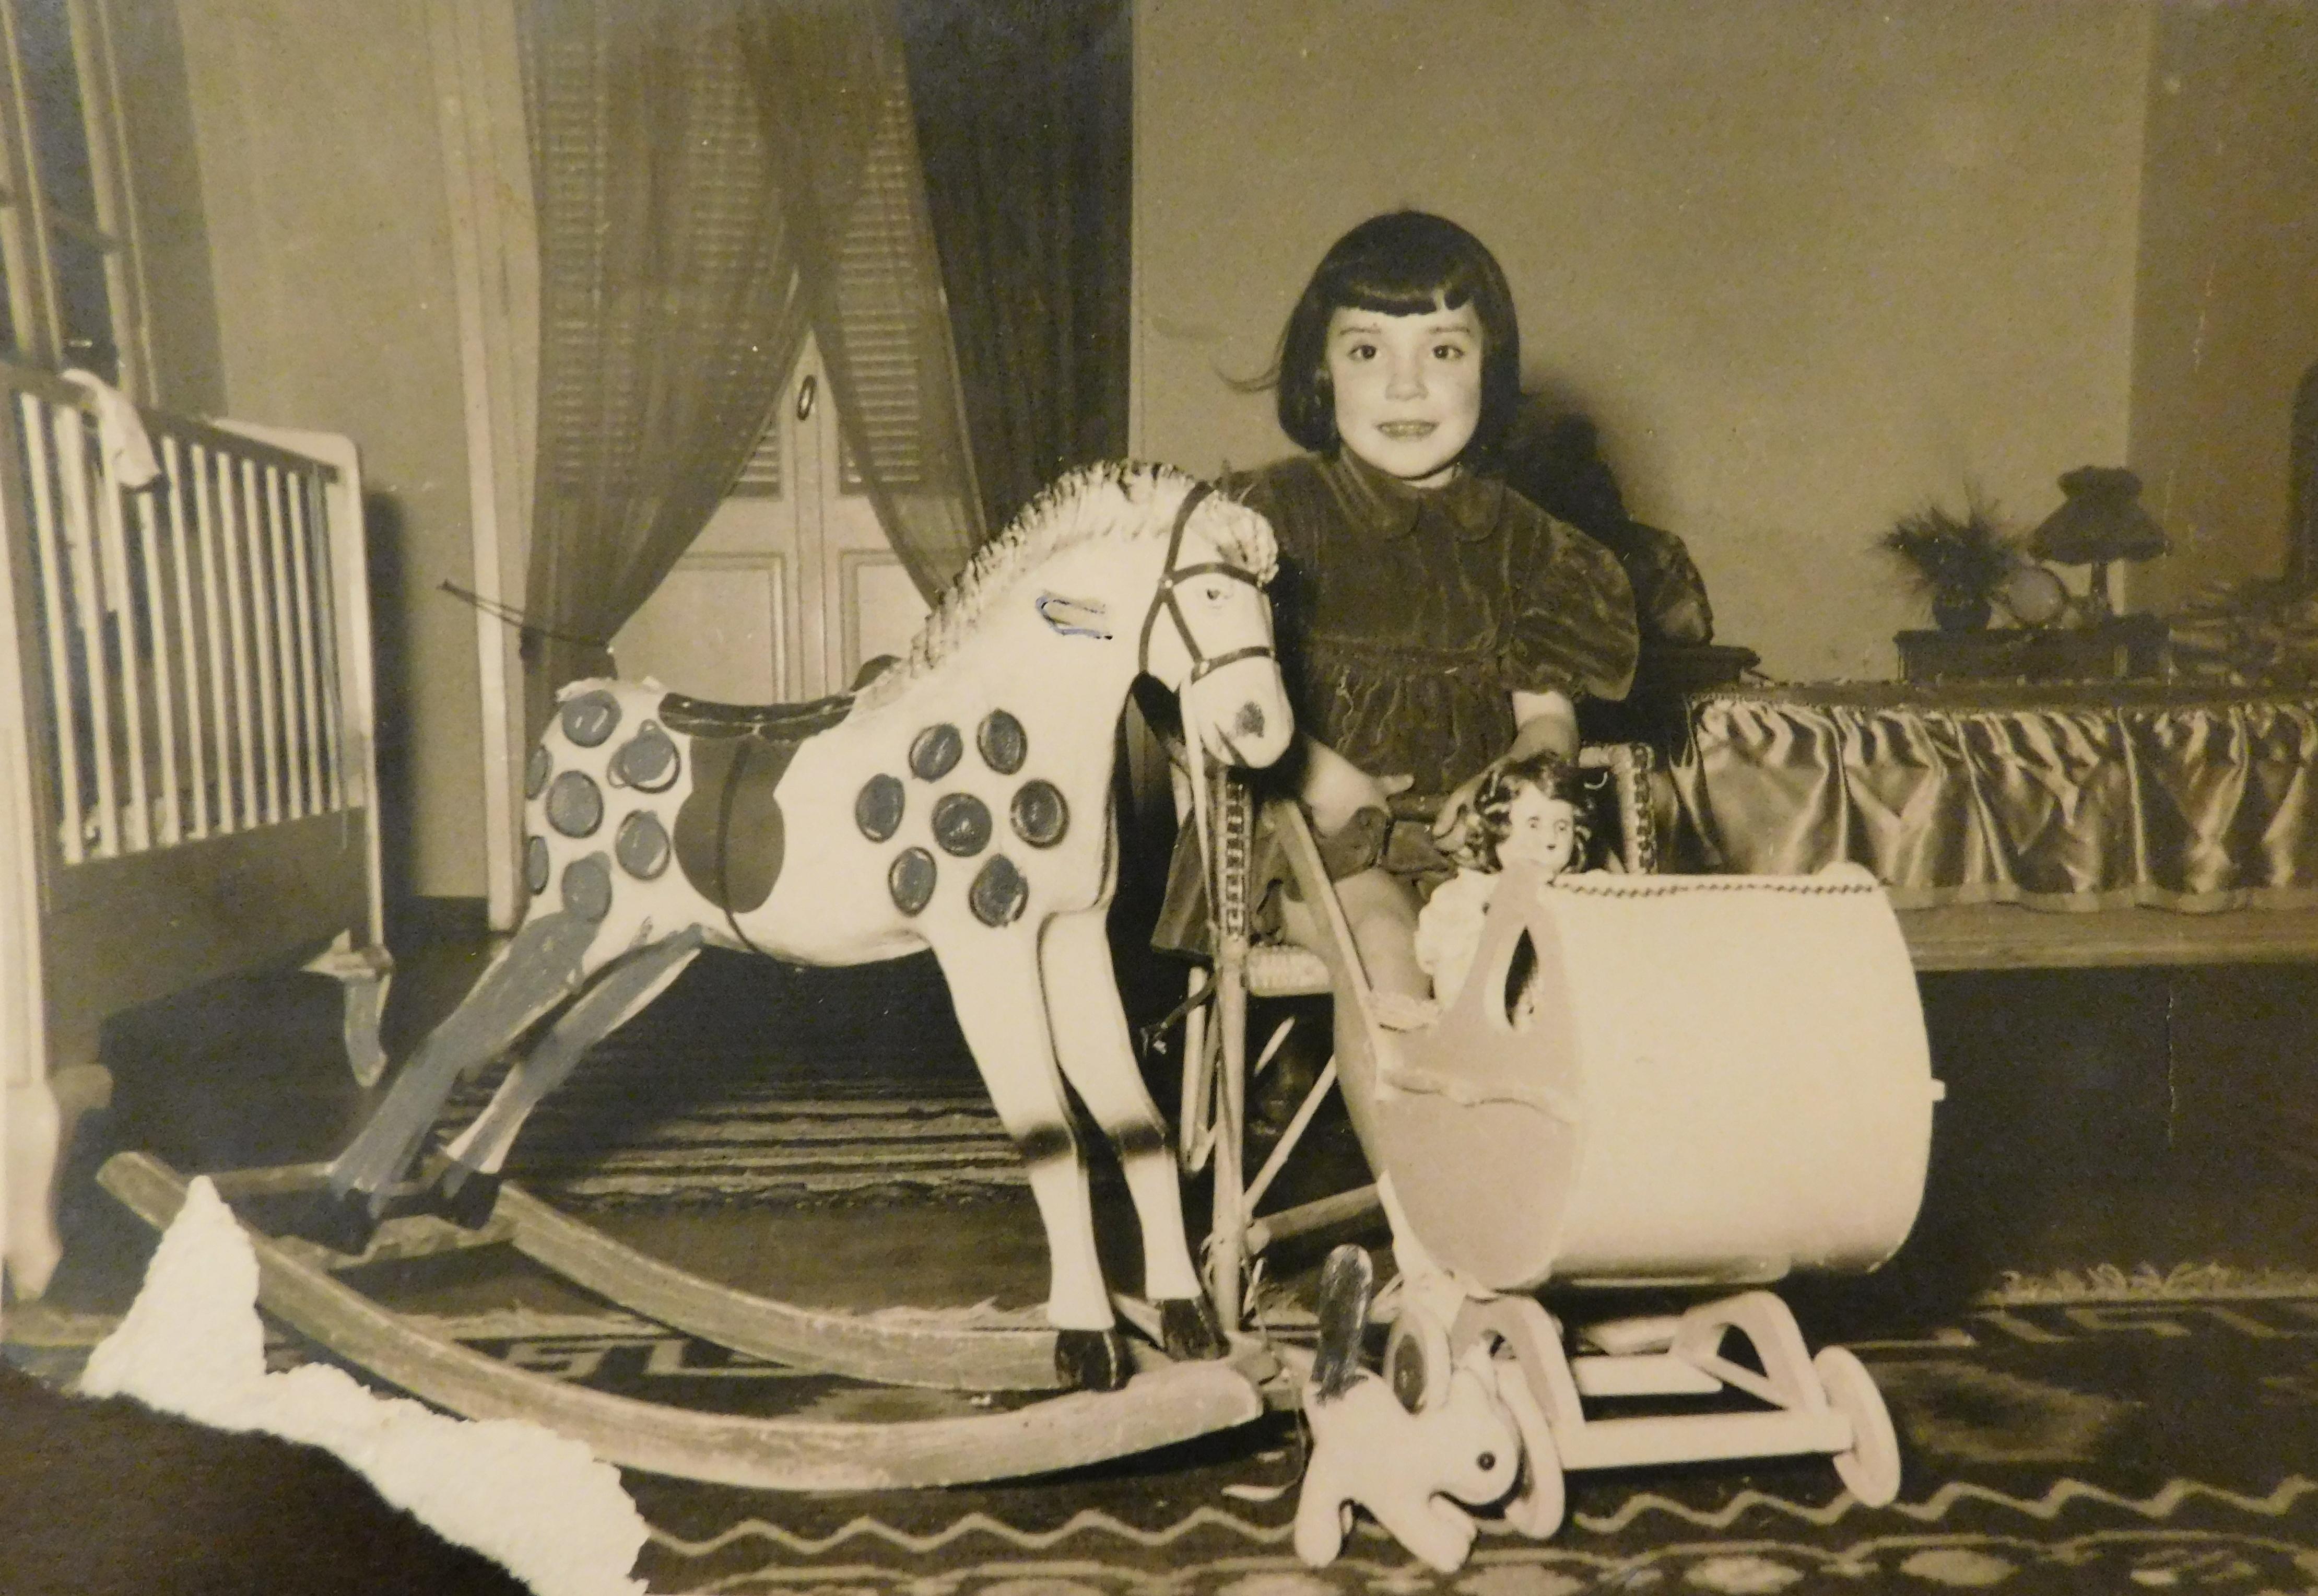 Χριστούγεννα και παιδικά παιχνίδια στη δεκαετία του '50